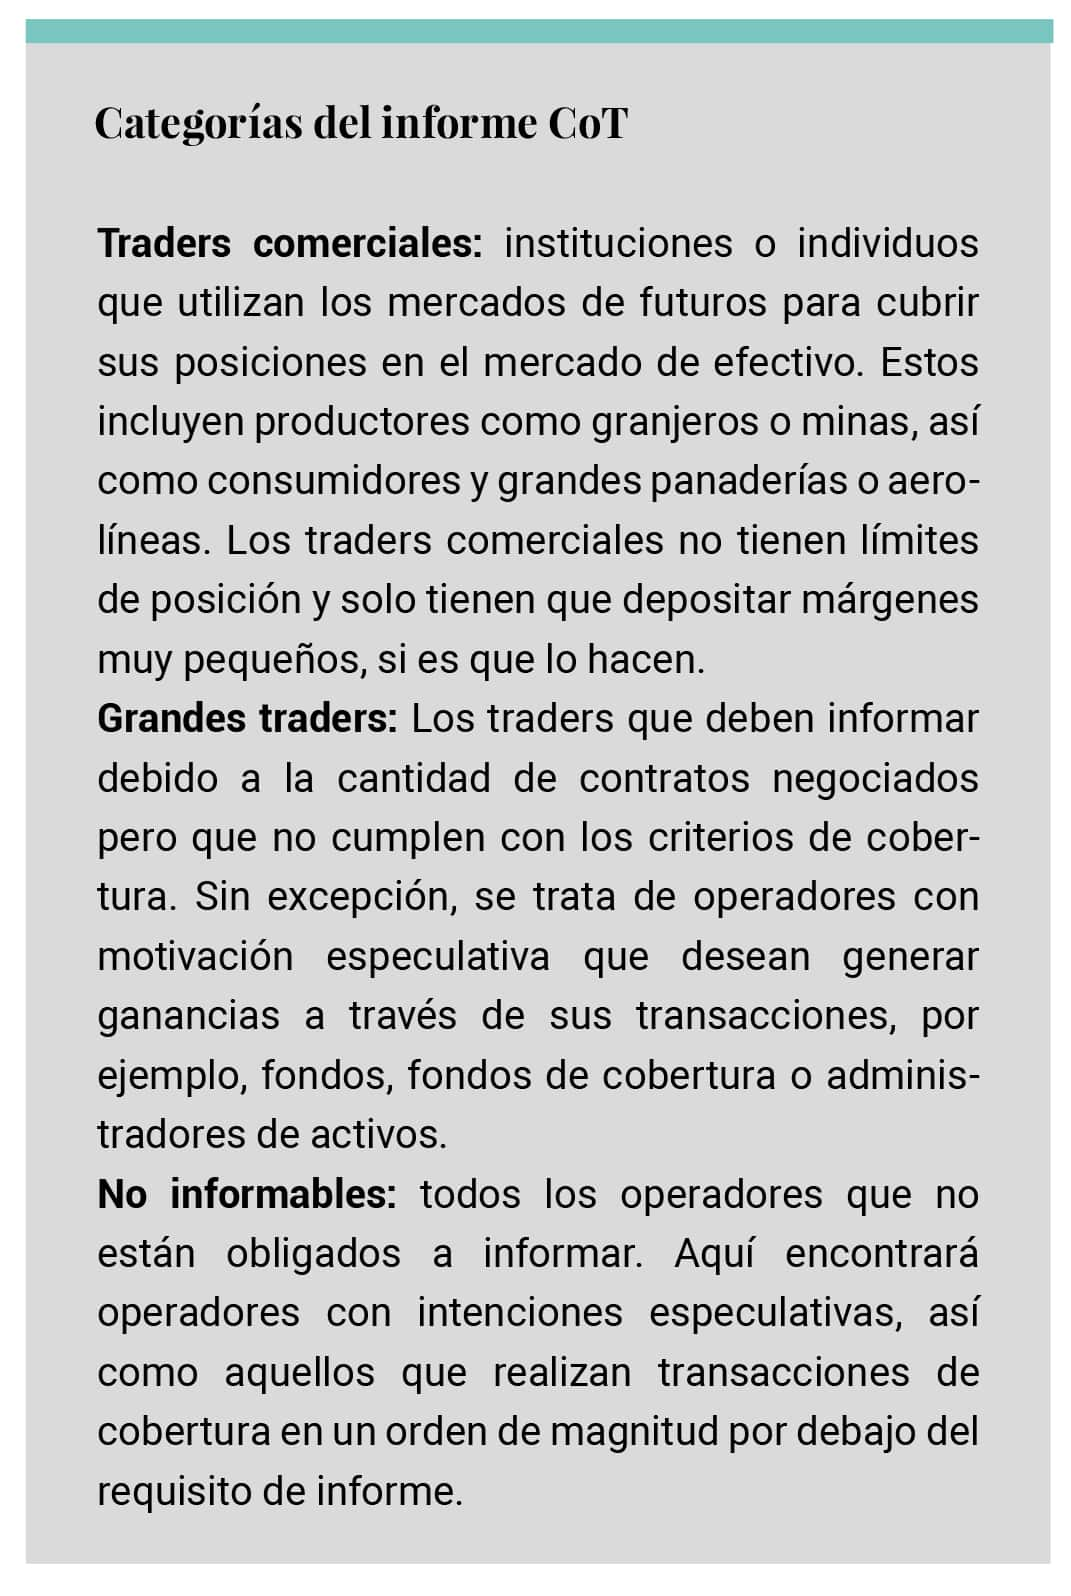 Categorías Informe CoT